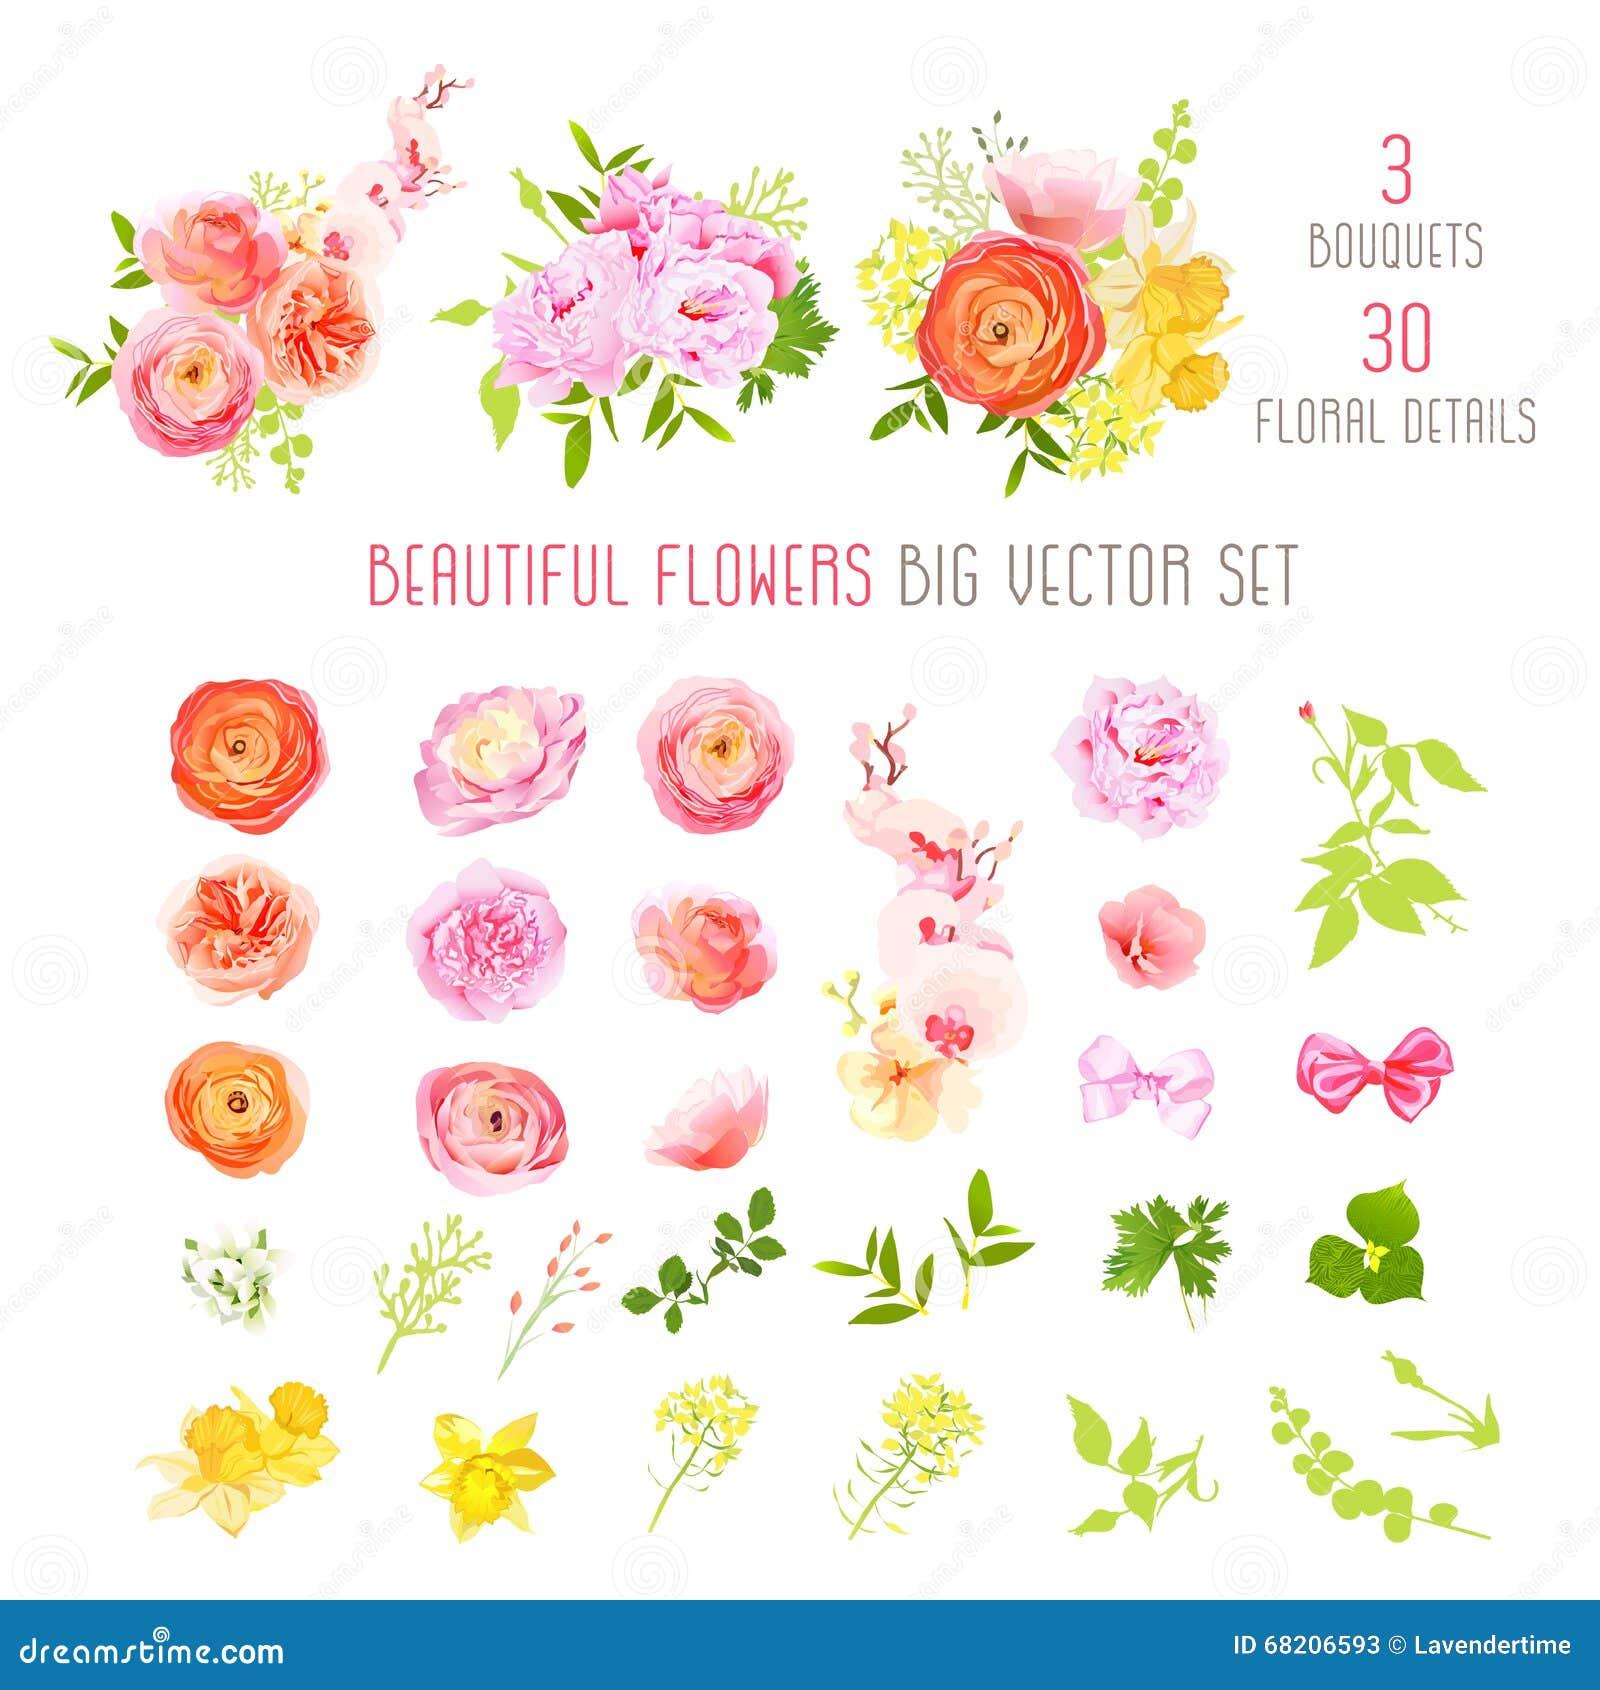 Ranunculusen steg, pionen, pingstliljan, orkidéblommor och den stora vektorsamlingen för dekorativa växter